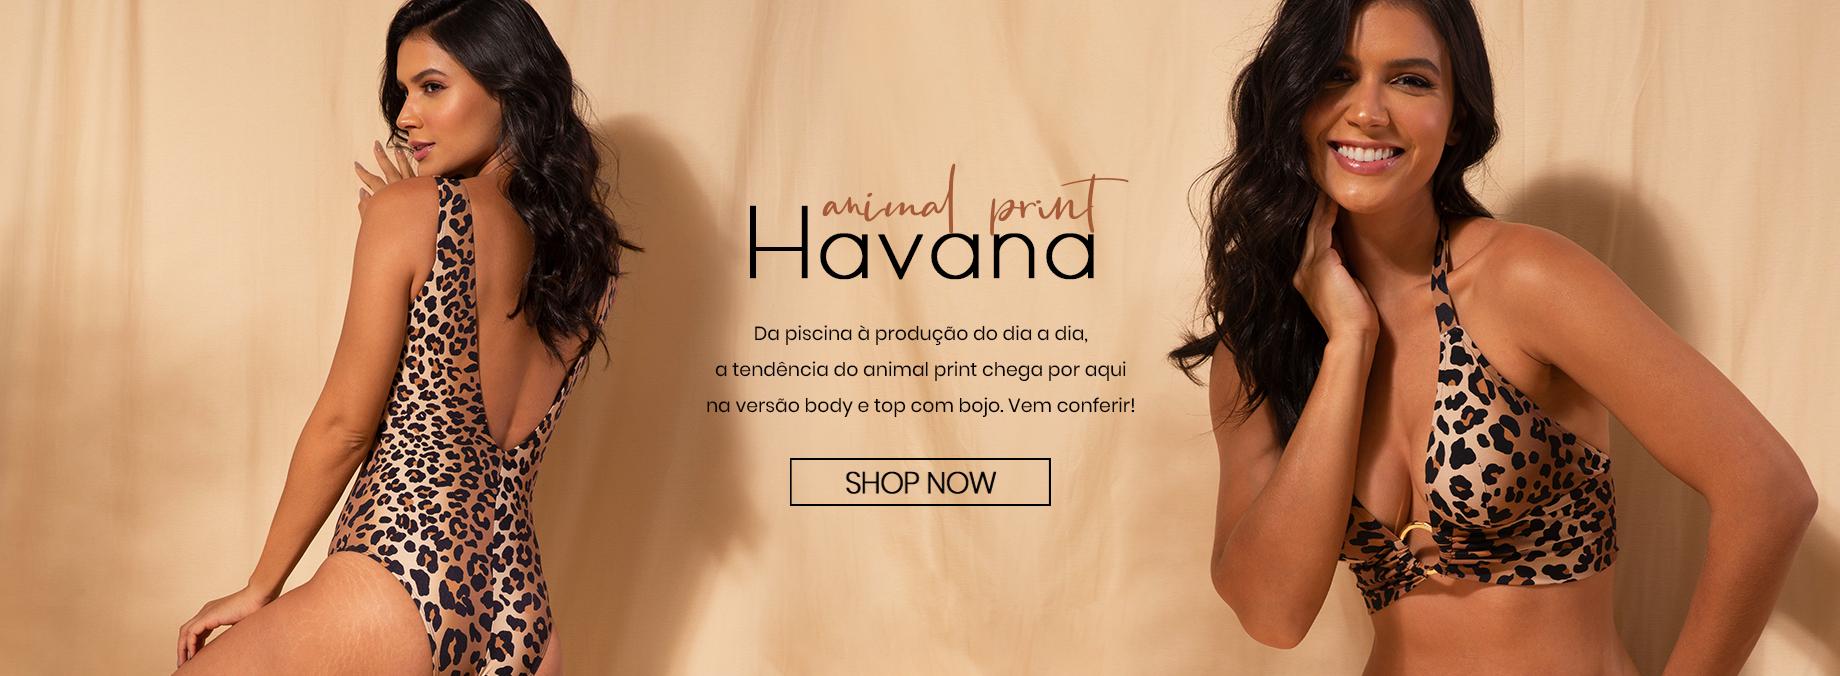 Coleção Havana